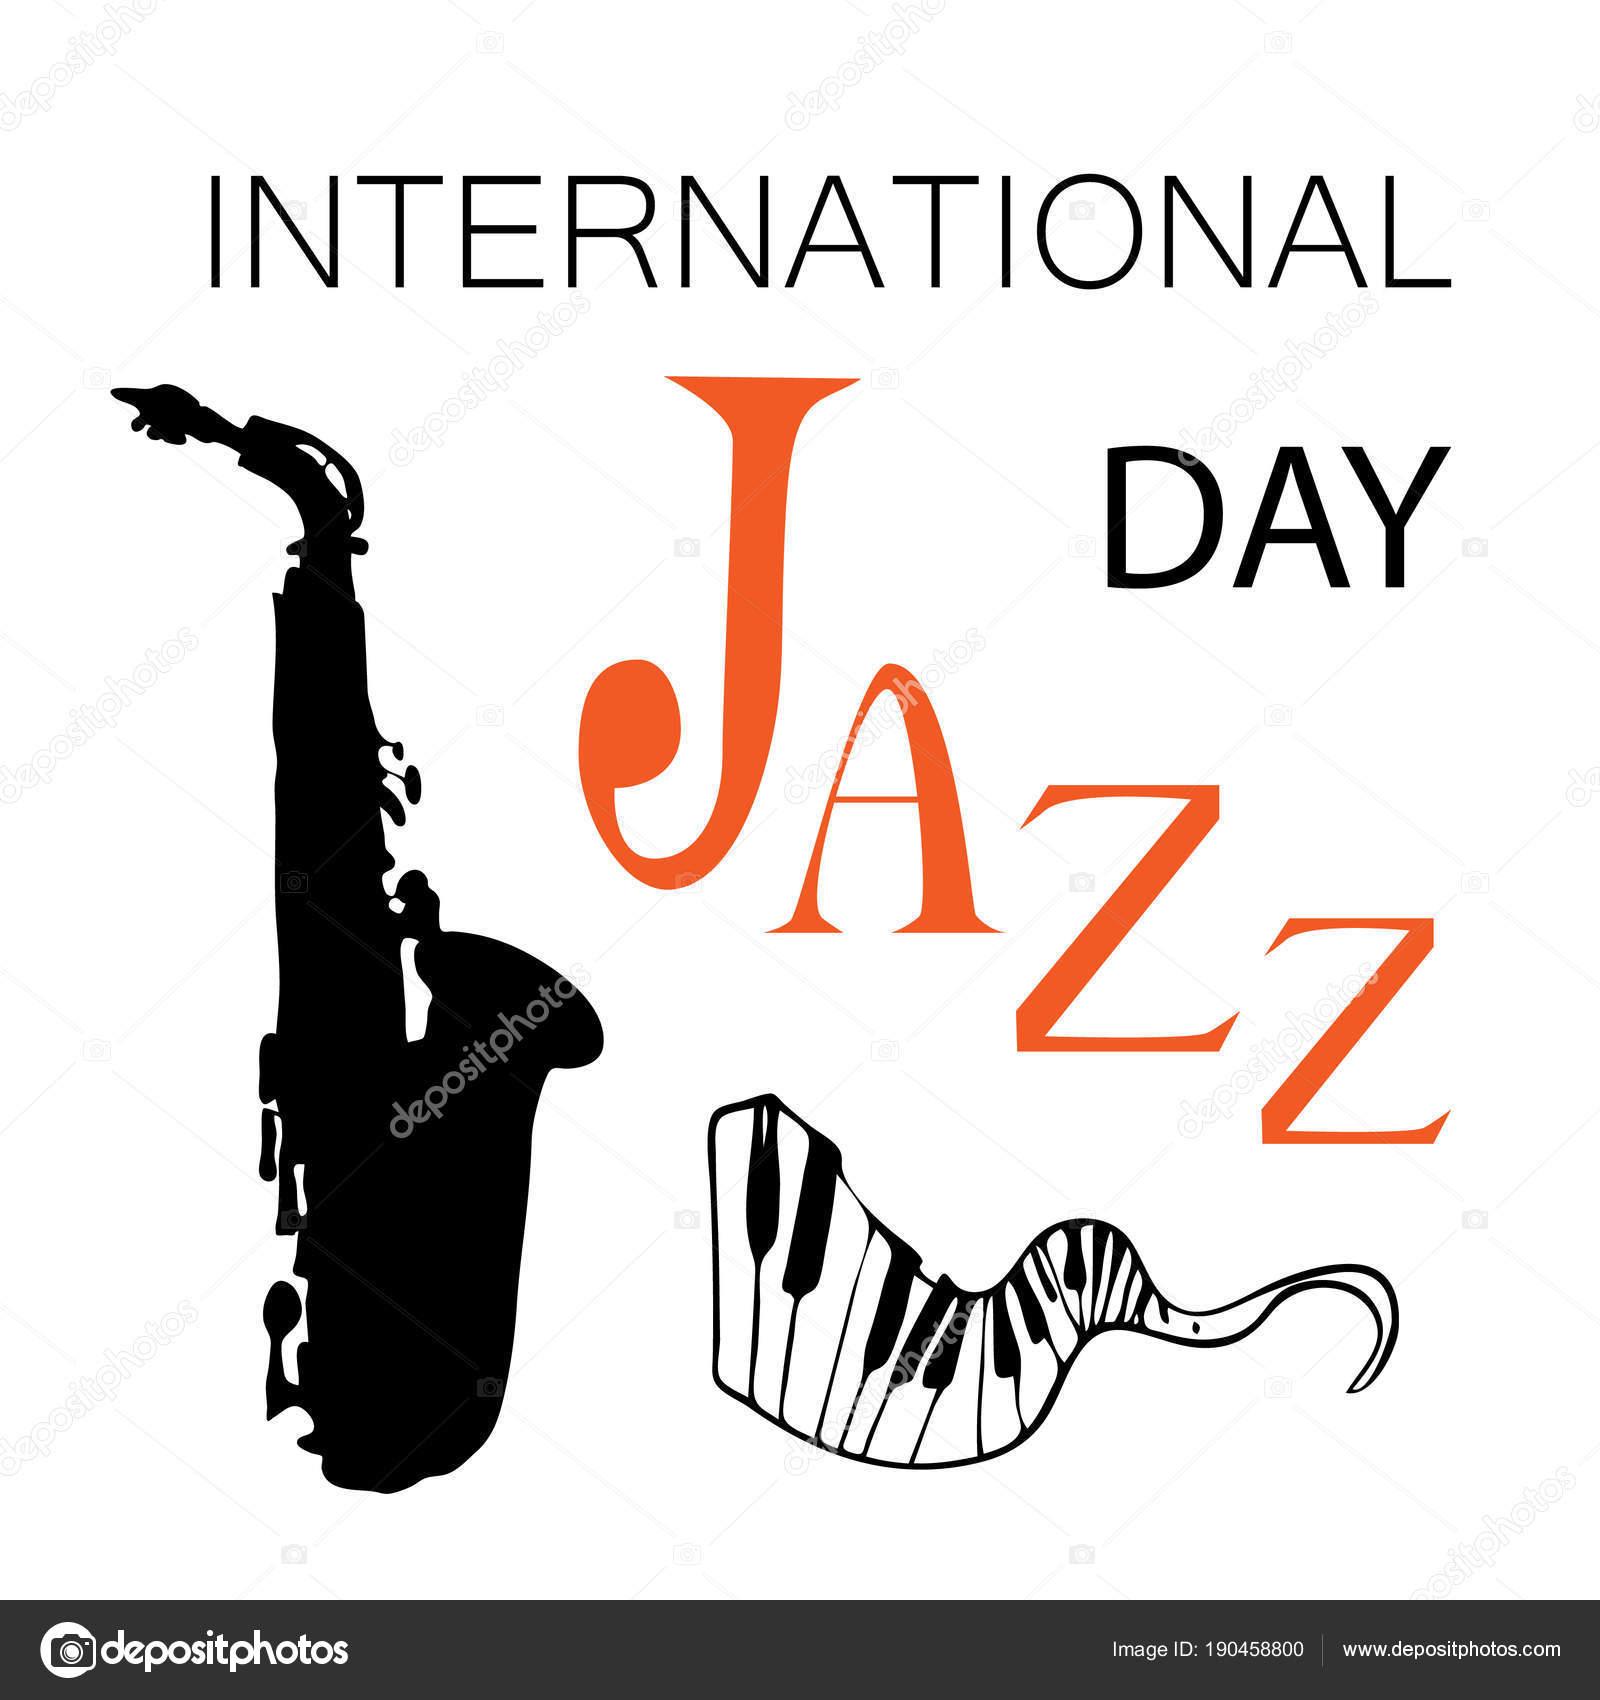 Internationalen Tag des Jazz-Vektor-illustration — Stockvektor ...